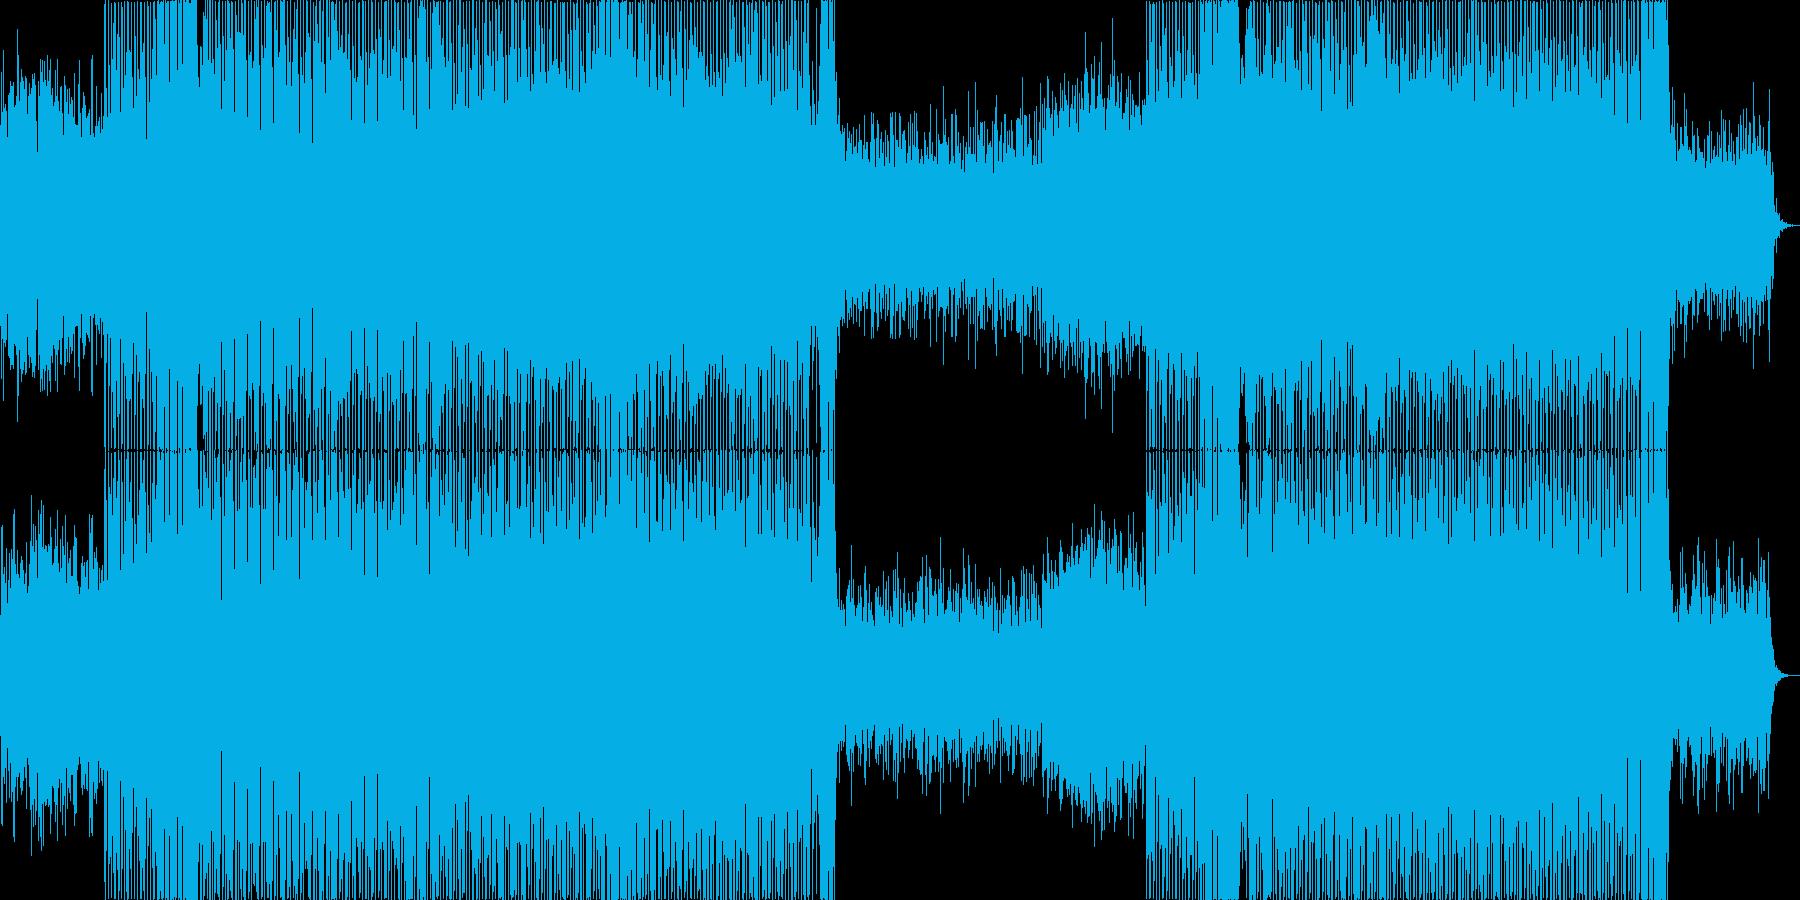 始まりを予感させるようなポップハウス曲の再生済みの波形